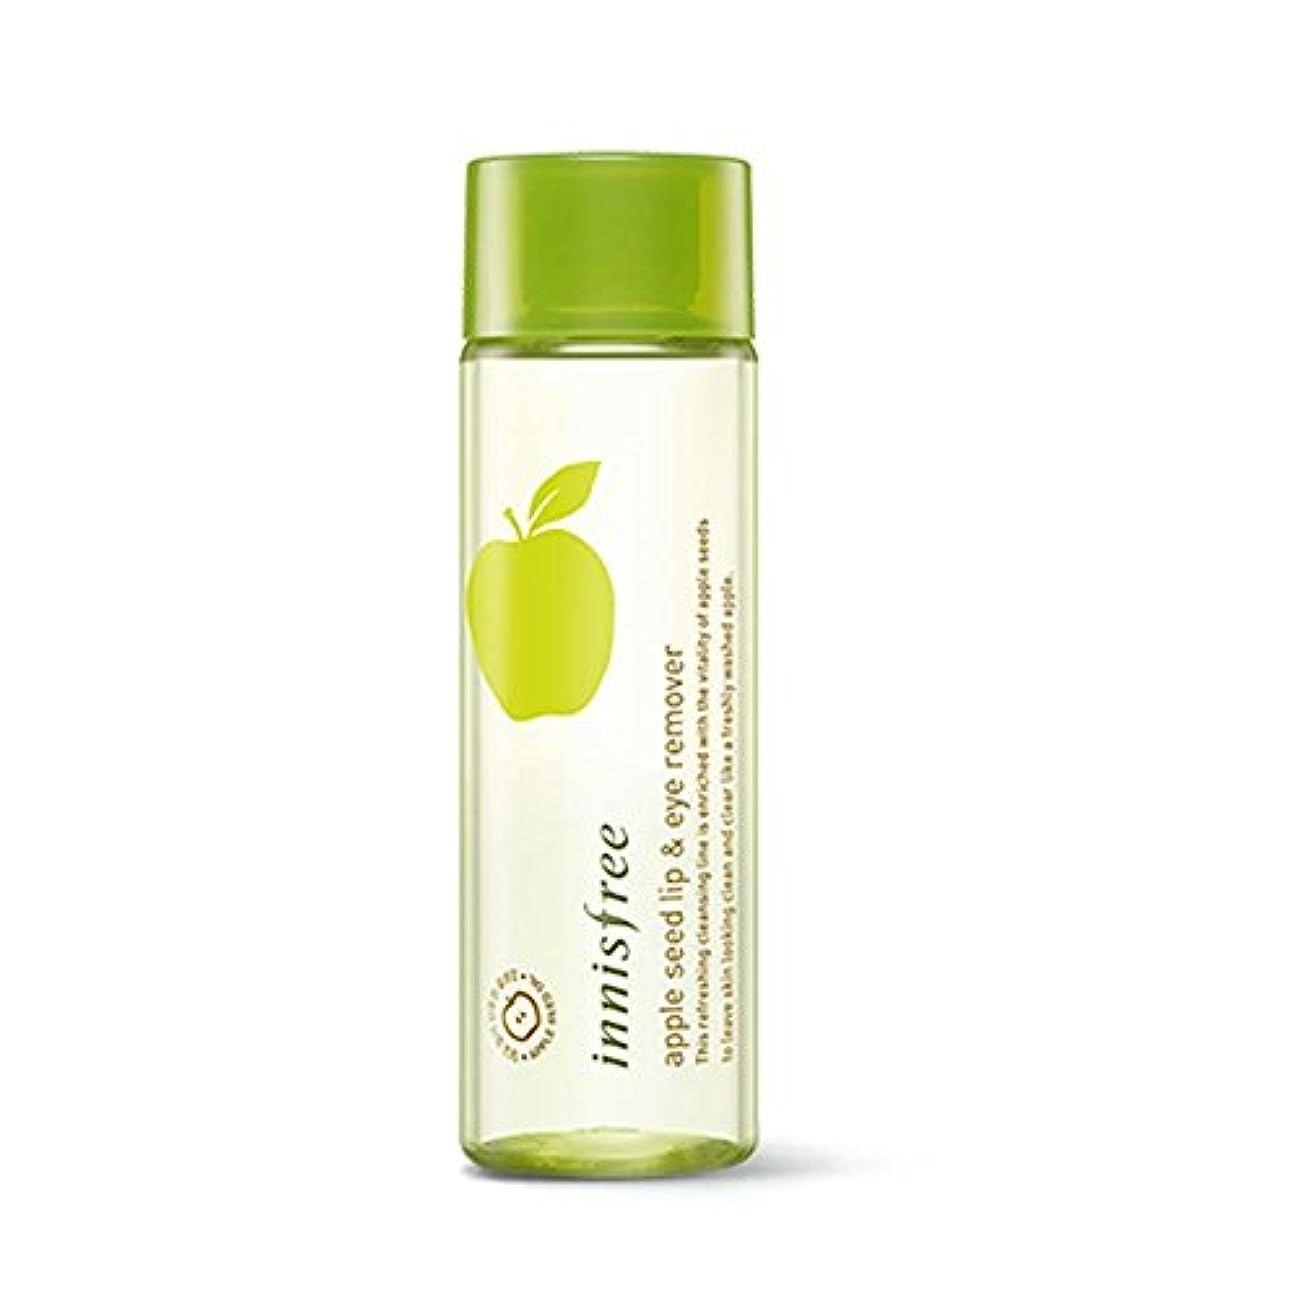 処分した請求比べるイニスフリーアップルシードリップ&アイリムーバー100ml / Innisfree Apple Seed Lip & Eye Remover 100ml[海外直送品][並行輸入品]